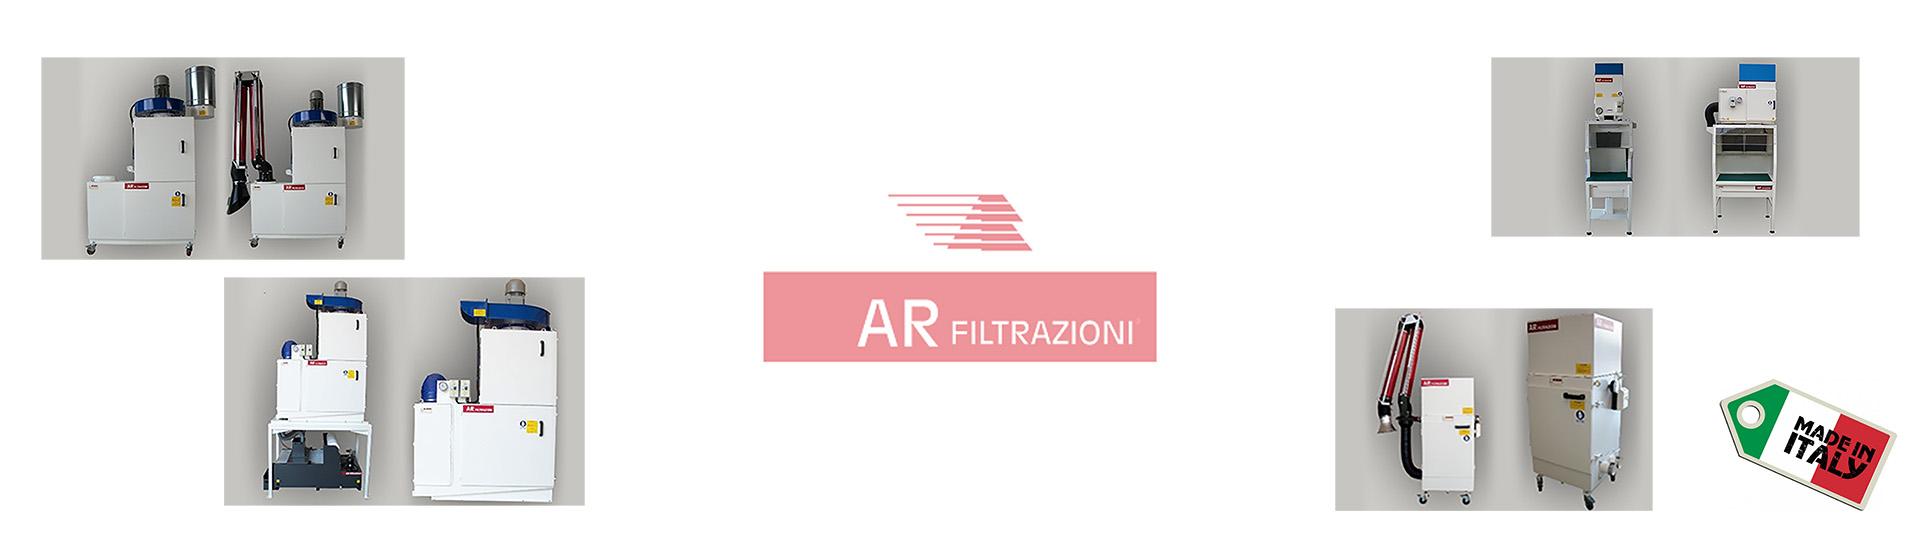 ar_filtrazioni